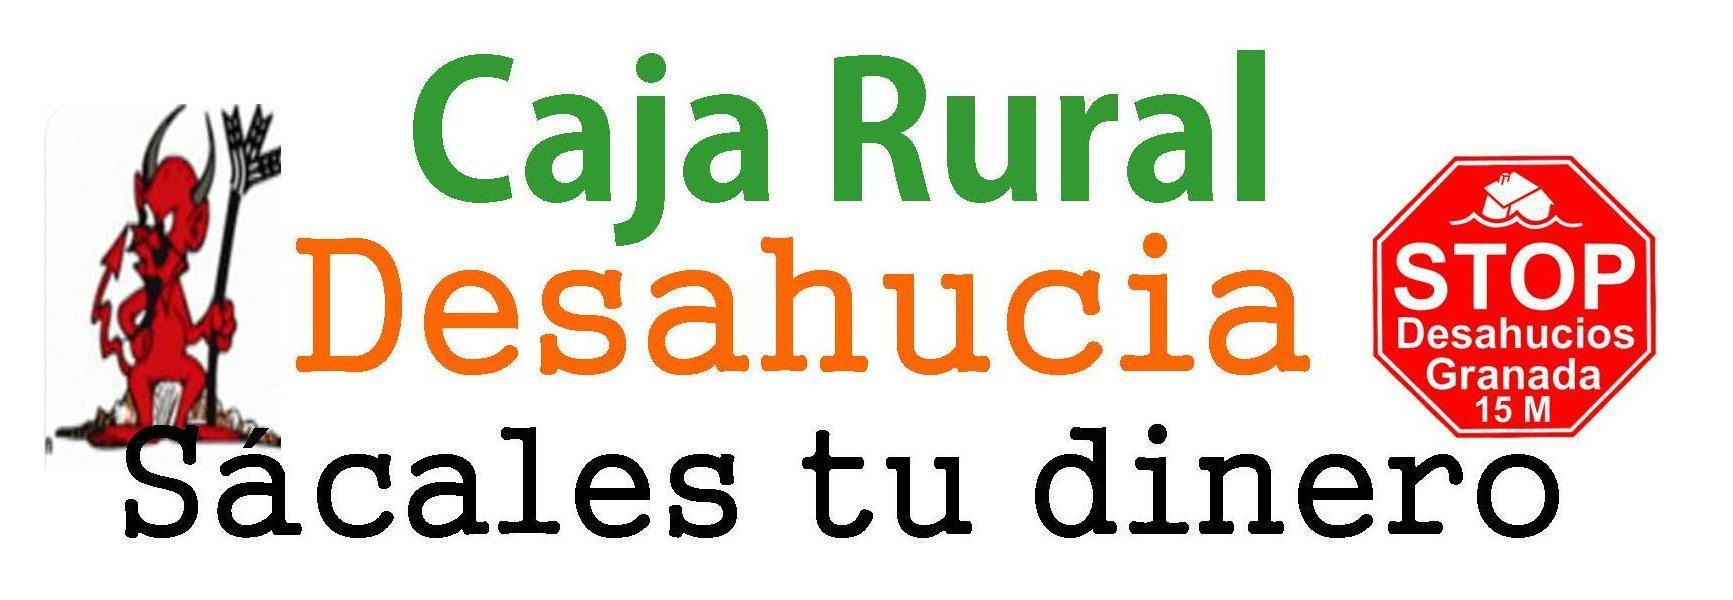 Nueva acci n contra caja rural para pedir soluciones for Caja rural bilbao oficinas